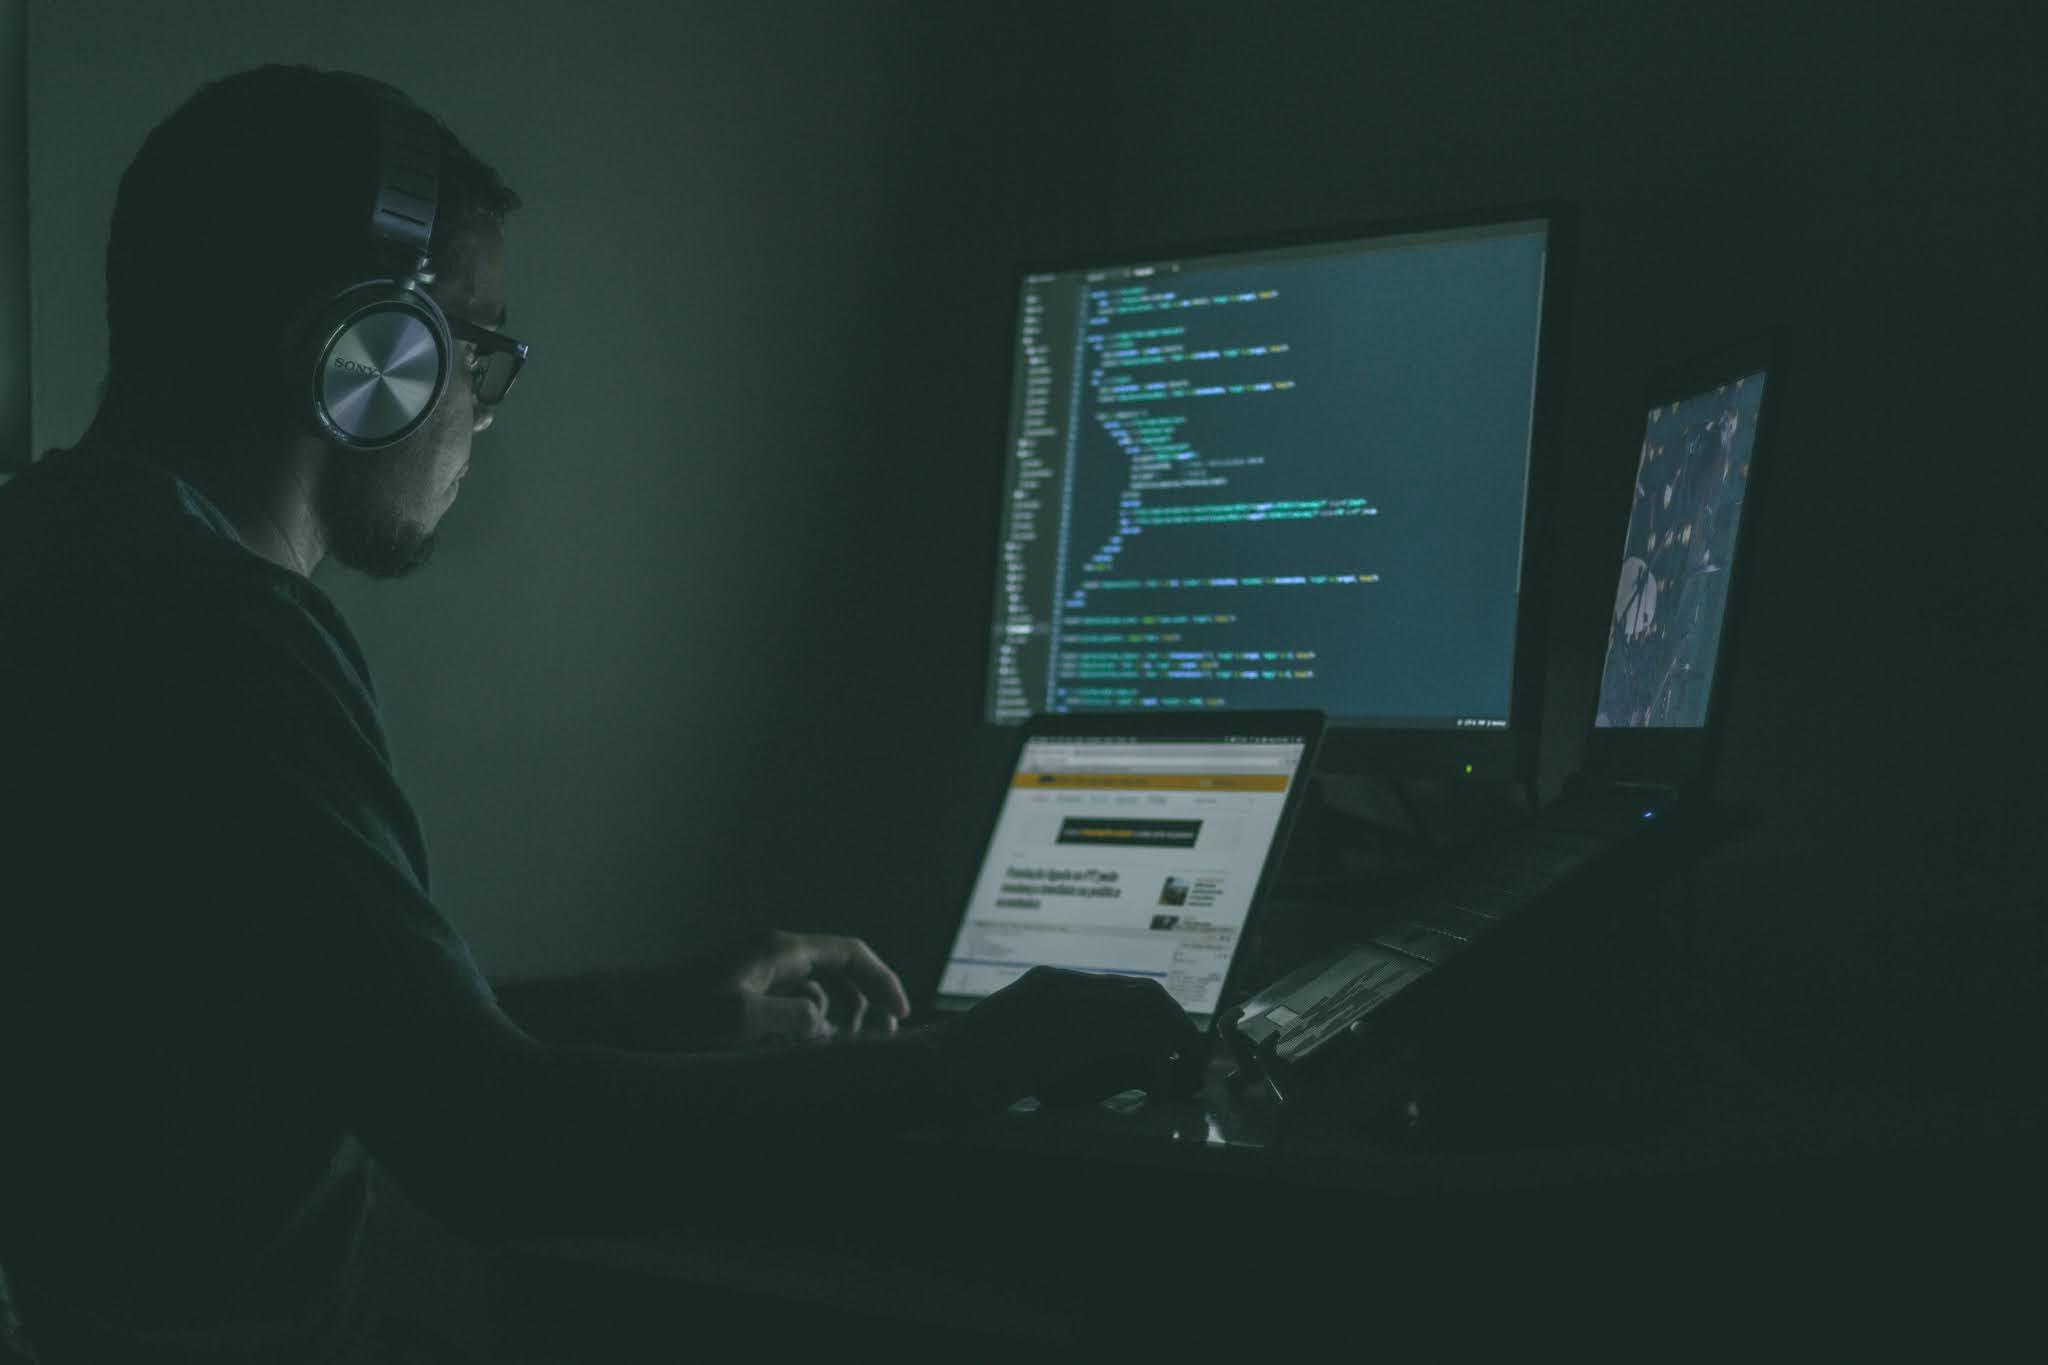 Nasihat untuk pemilik bisnis tentang keamanan siber - Tanggal 7 mei adalah hari password sedunia, dan itu merupakan peringatan atas banyak pelaku usaha atau bisnis dan pemilik bisnis kecil untuk memperioritaskan atau menjadikan prorioritas tentang keamanan siber dan perlindungan lainnya.